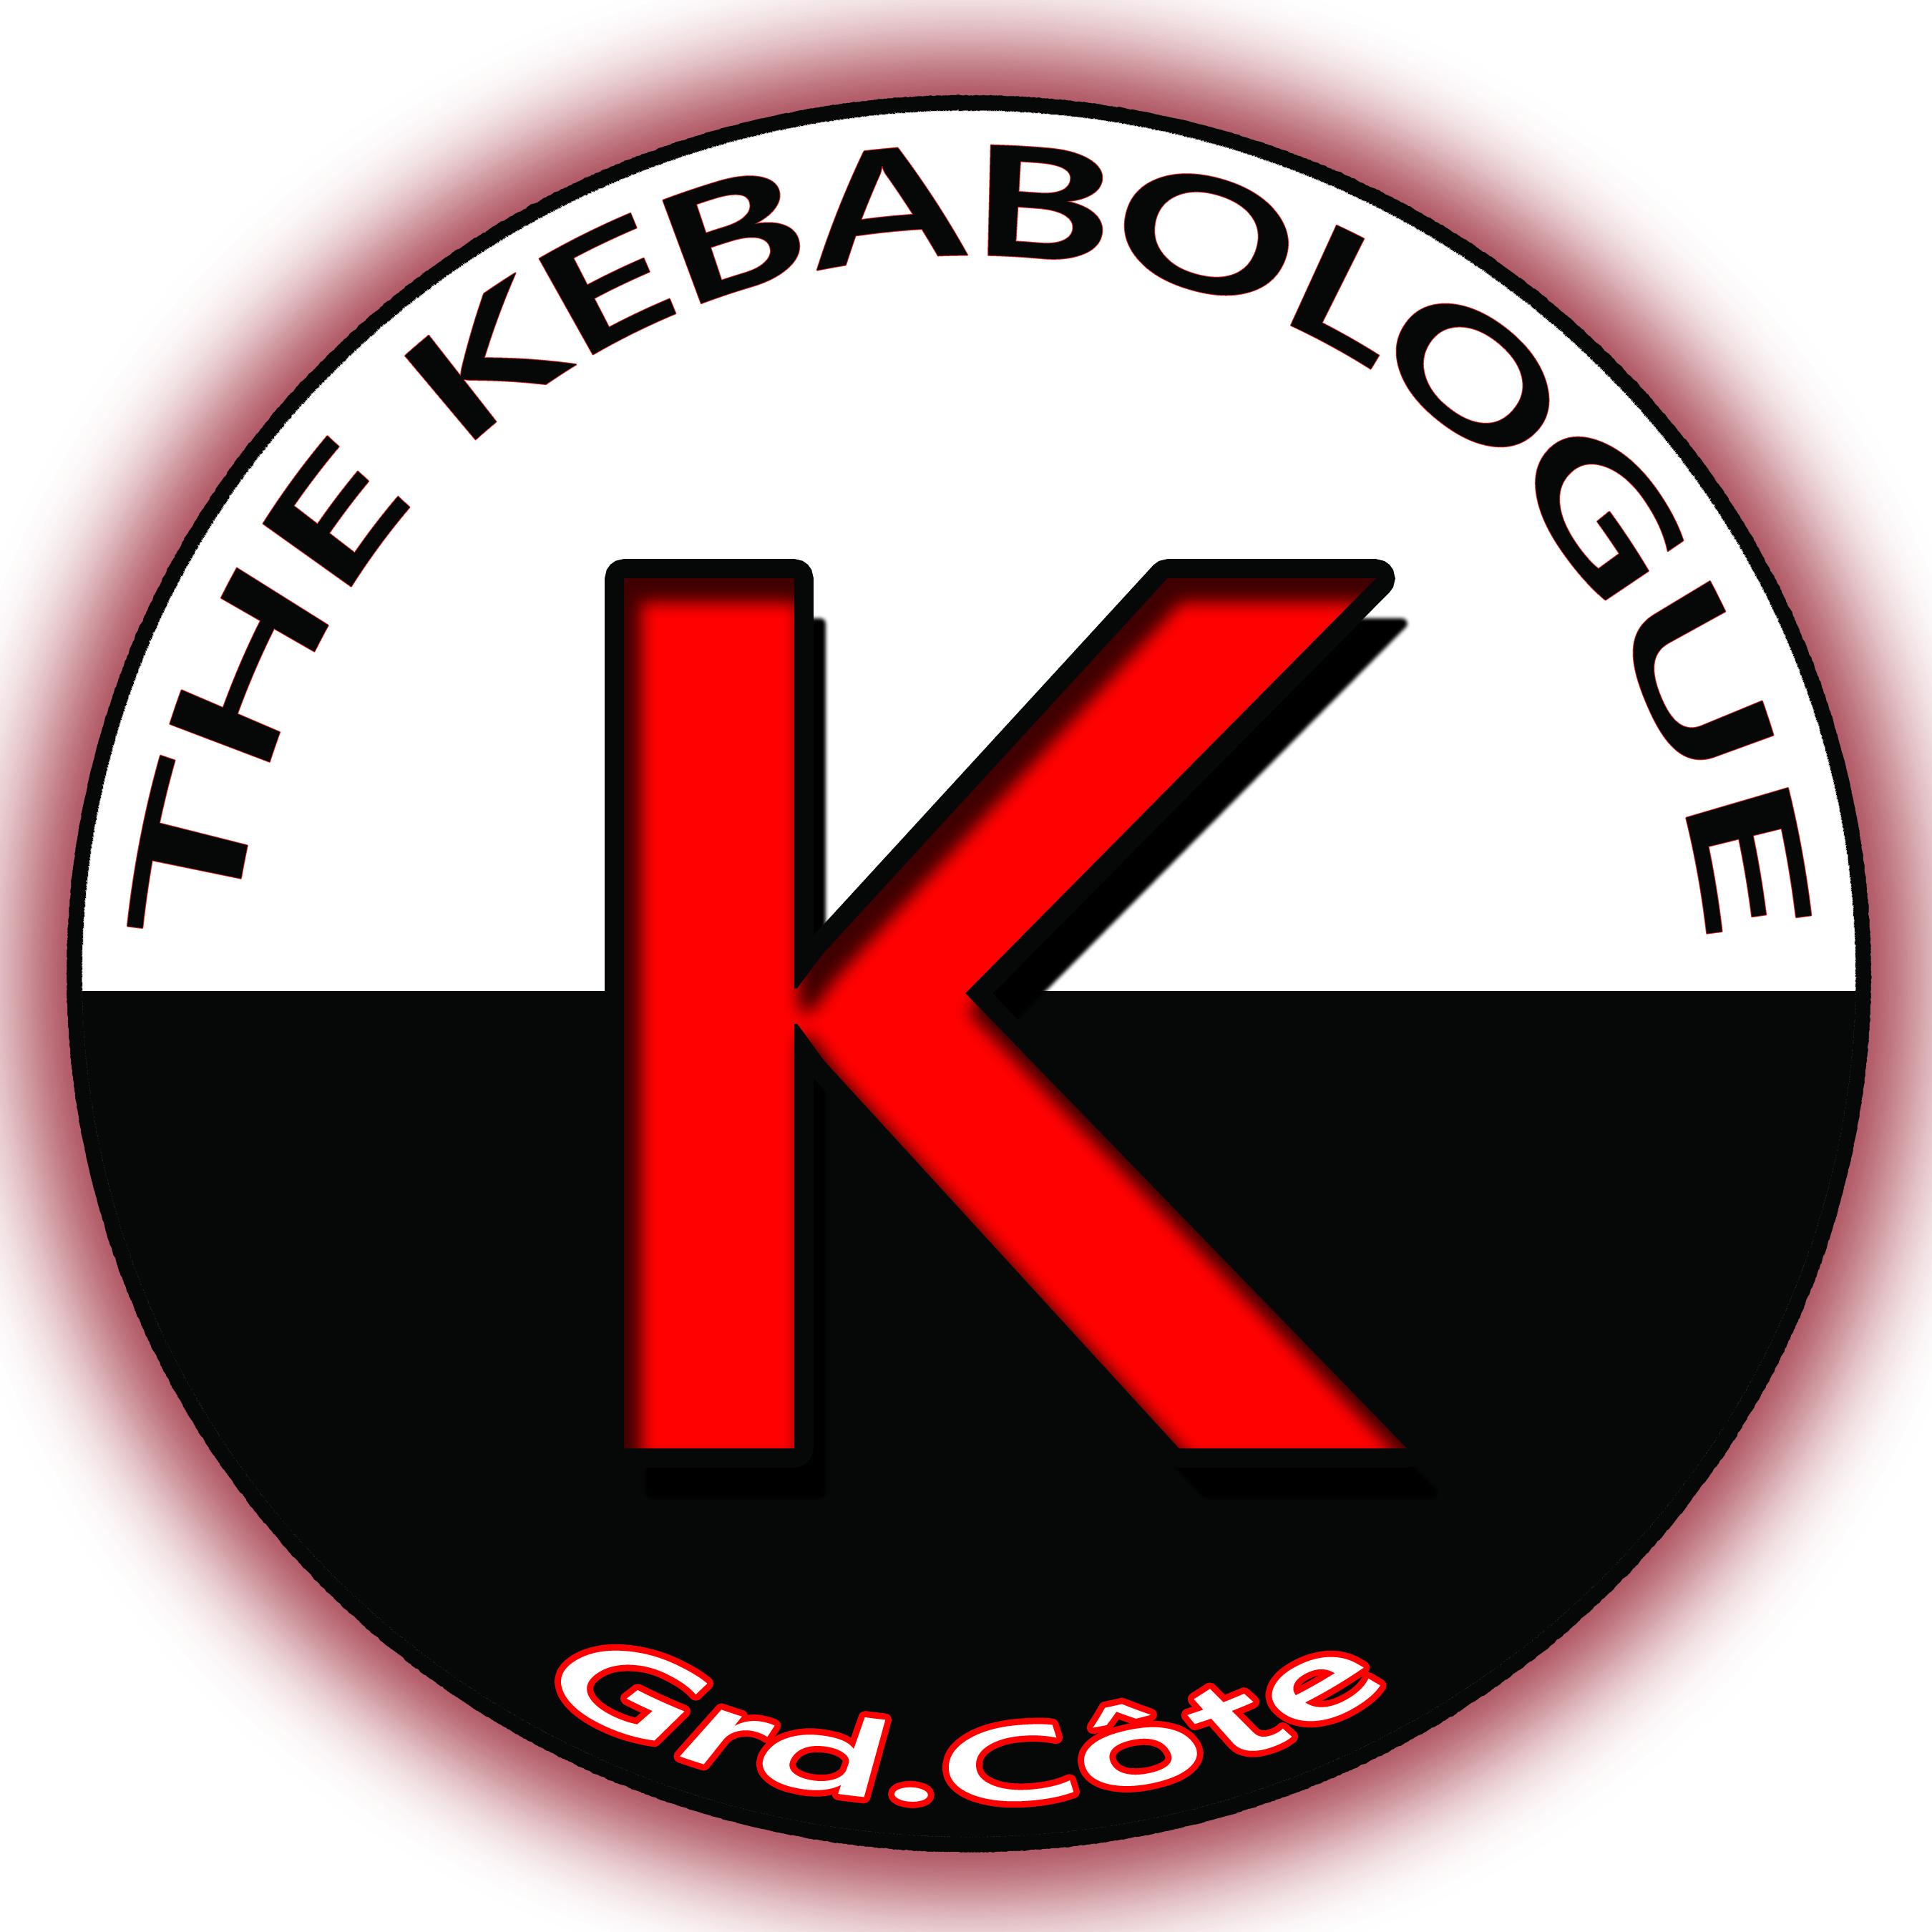 The Kebabologue - Lyon